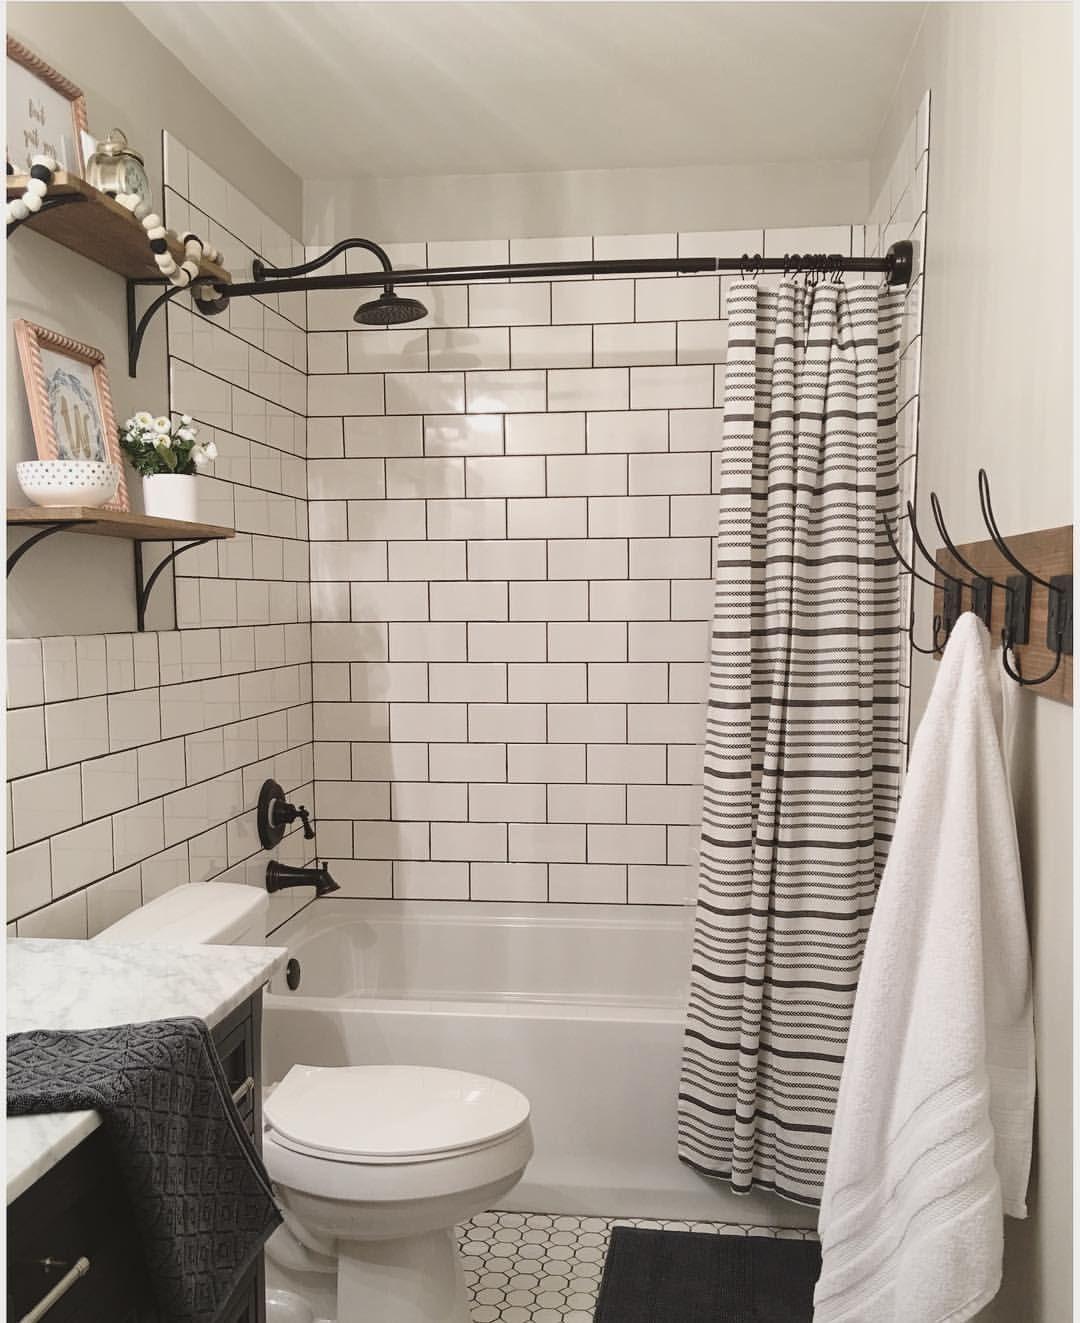 Hauteur Meuble Salle De Bain Vasque A Poser ~  pingl par jennifer hilton sur fashion pinterest salle de bains